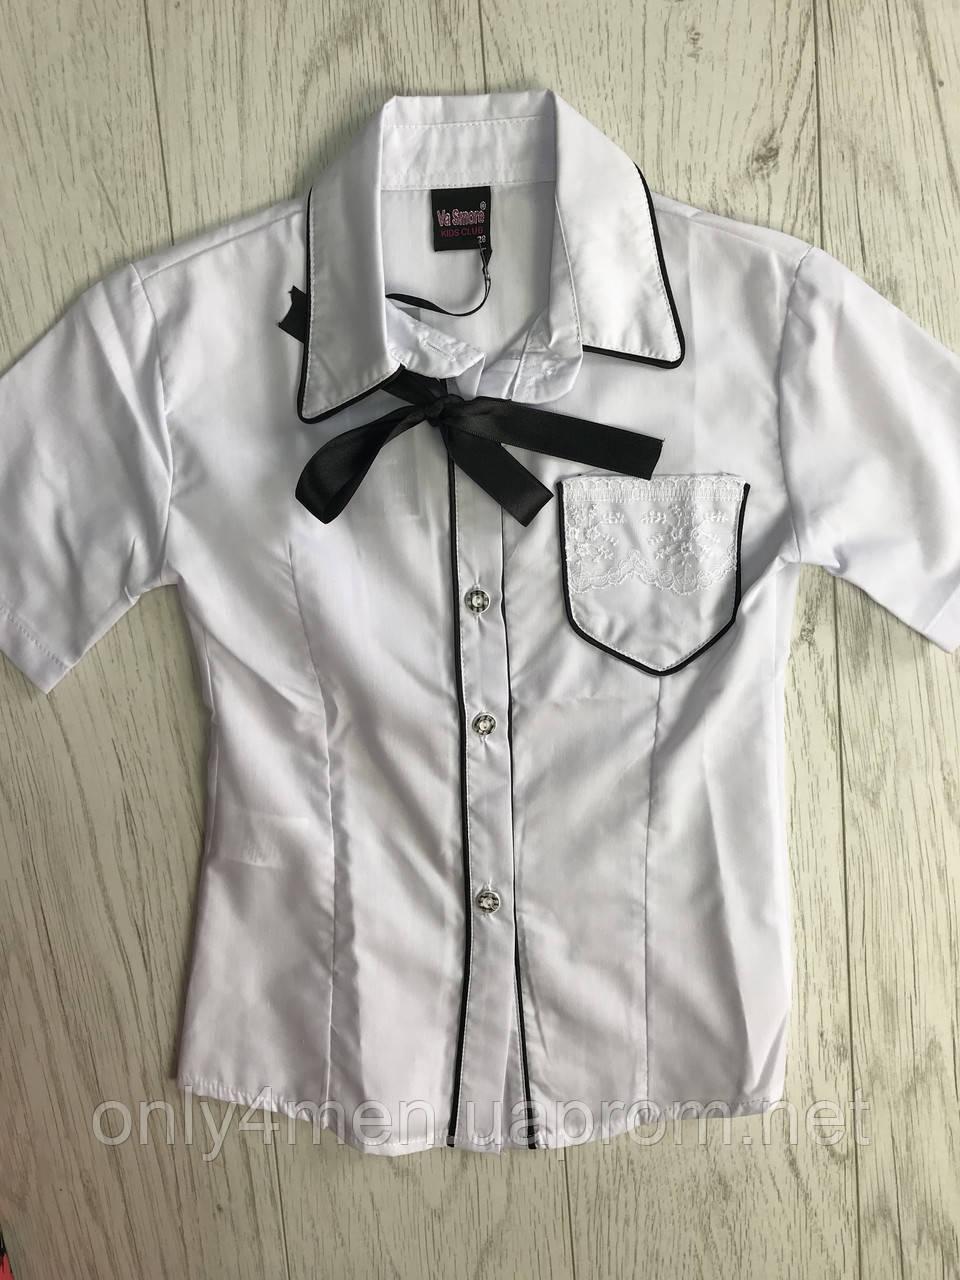 Блузка для девочки 122-146 - Детская одежда оптом и в розницу. Школьная форма в Хмельницком